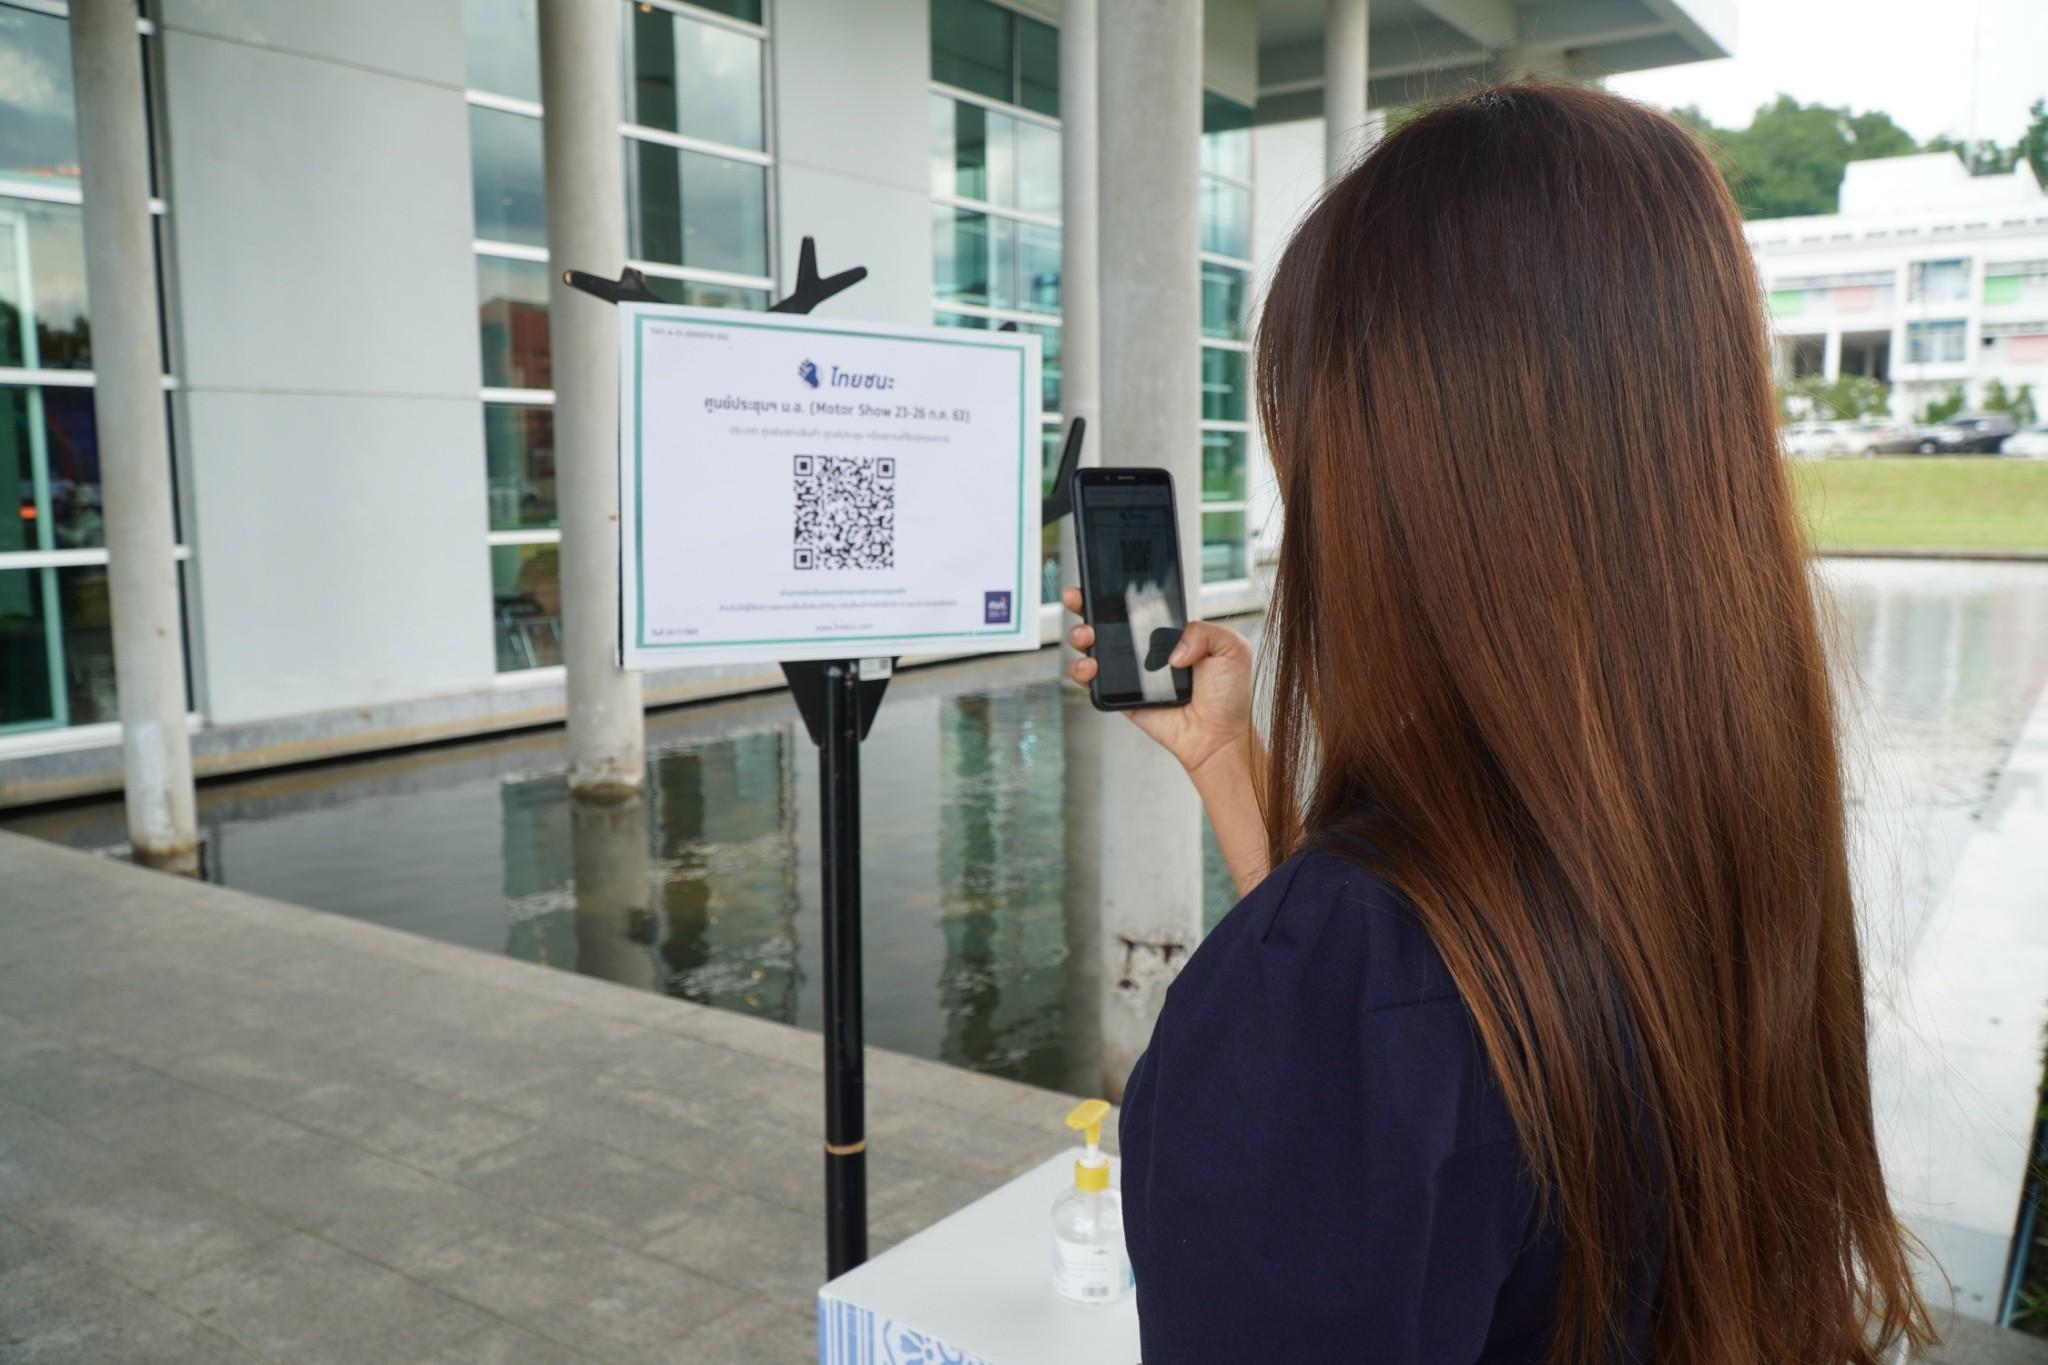 ตั้งแต่ทางเข้างาน ผู้เข้าชมจำเป้นที่จะต้องสแกน QR Code ไทยชนะก่อนเข้างาน